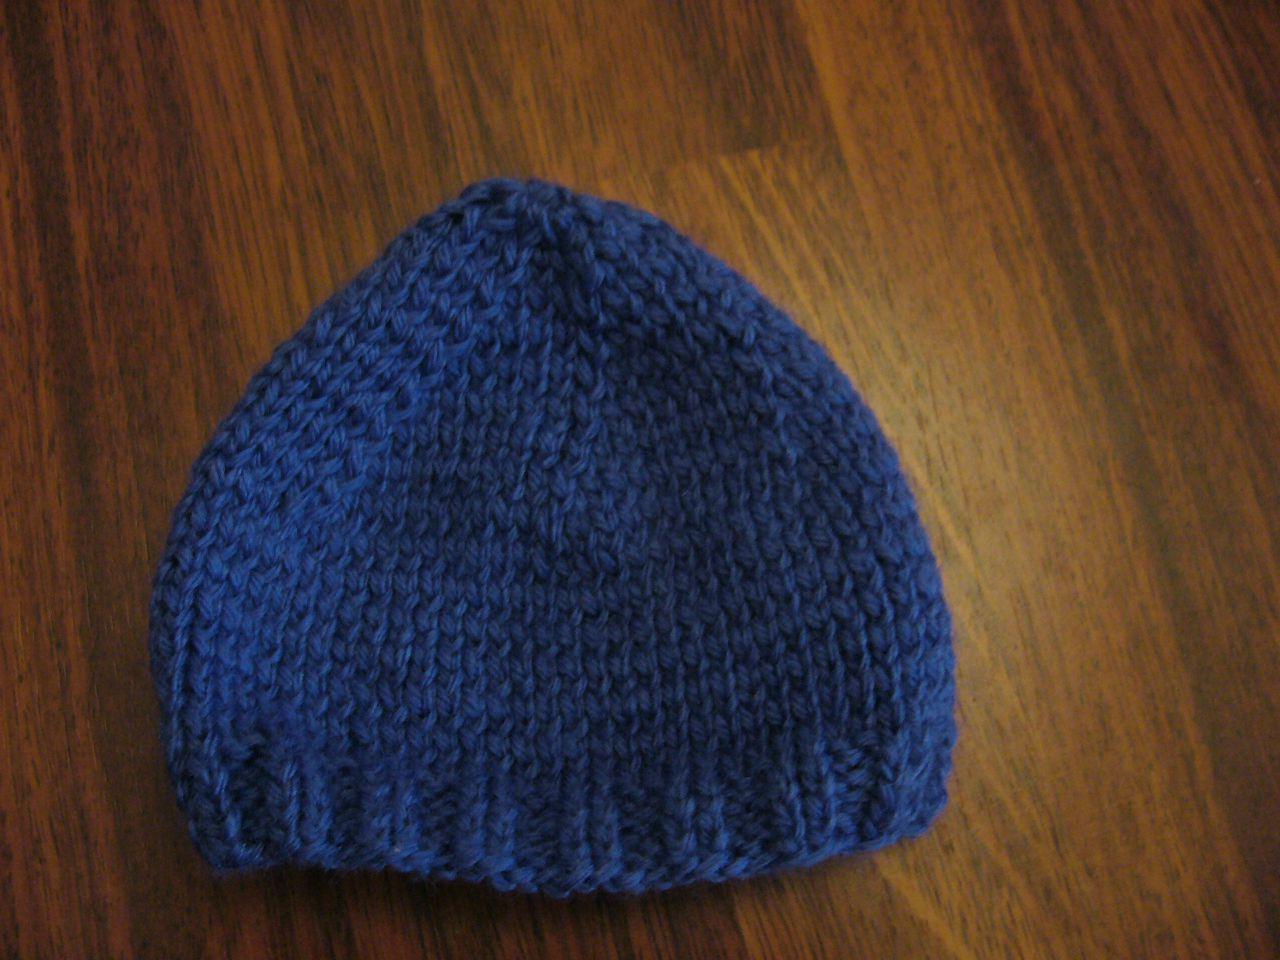 21e86c4cb83 Tuto tricot bonnet bébé facile point mousse - Idées de tricot gratuit